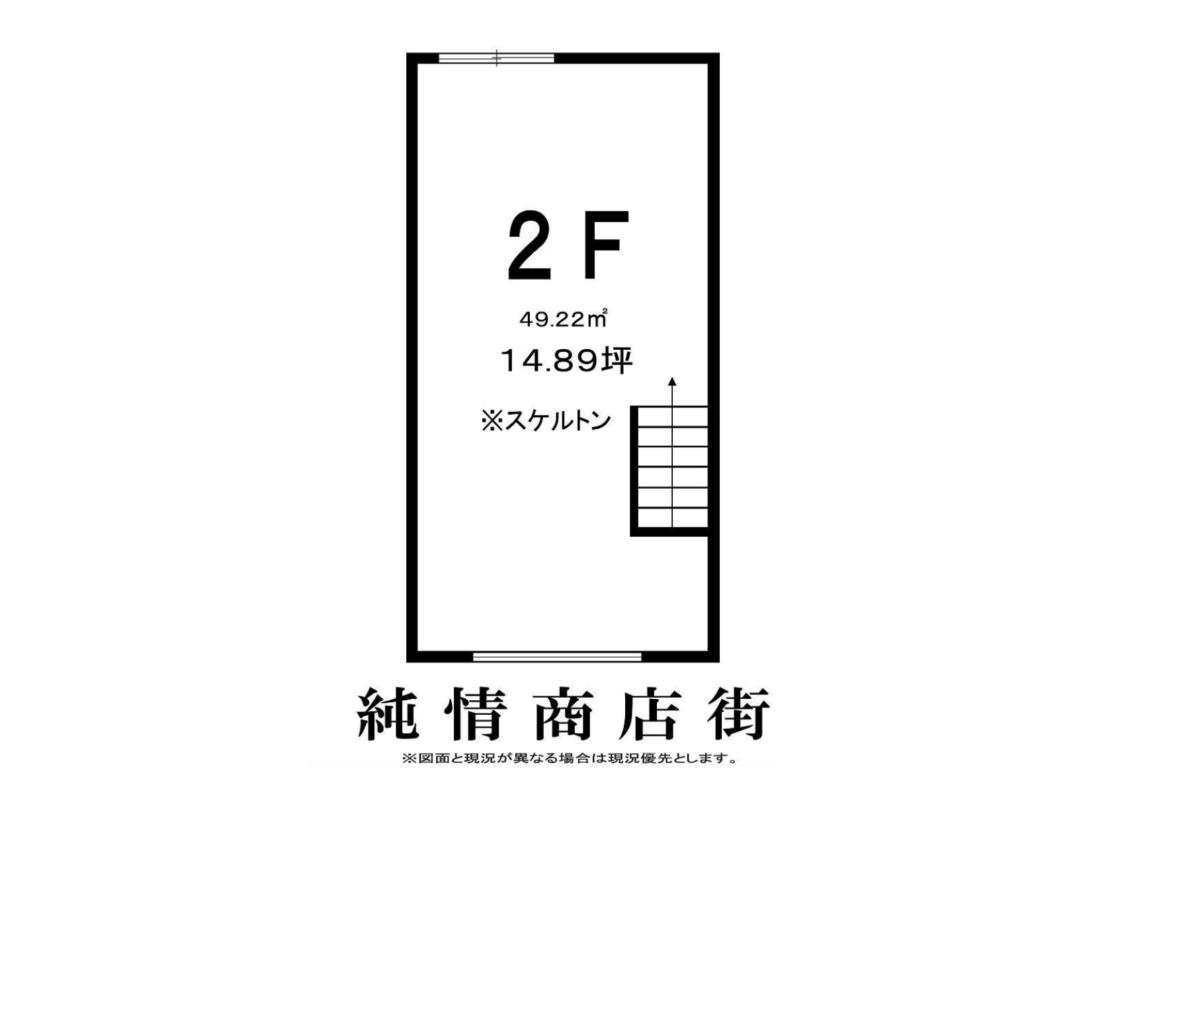 【高円寺駅】徒歩2分/路面に向けて大きい窓あり